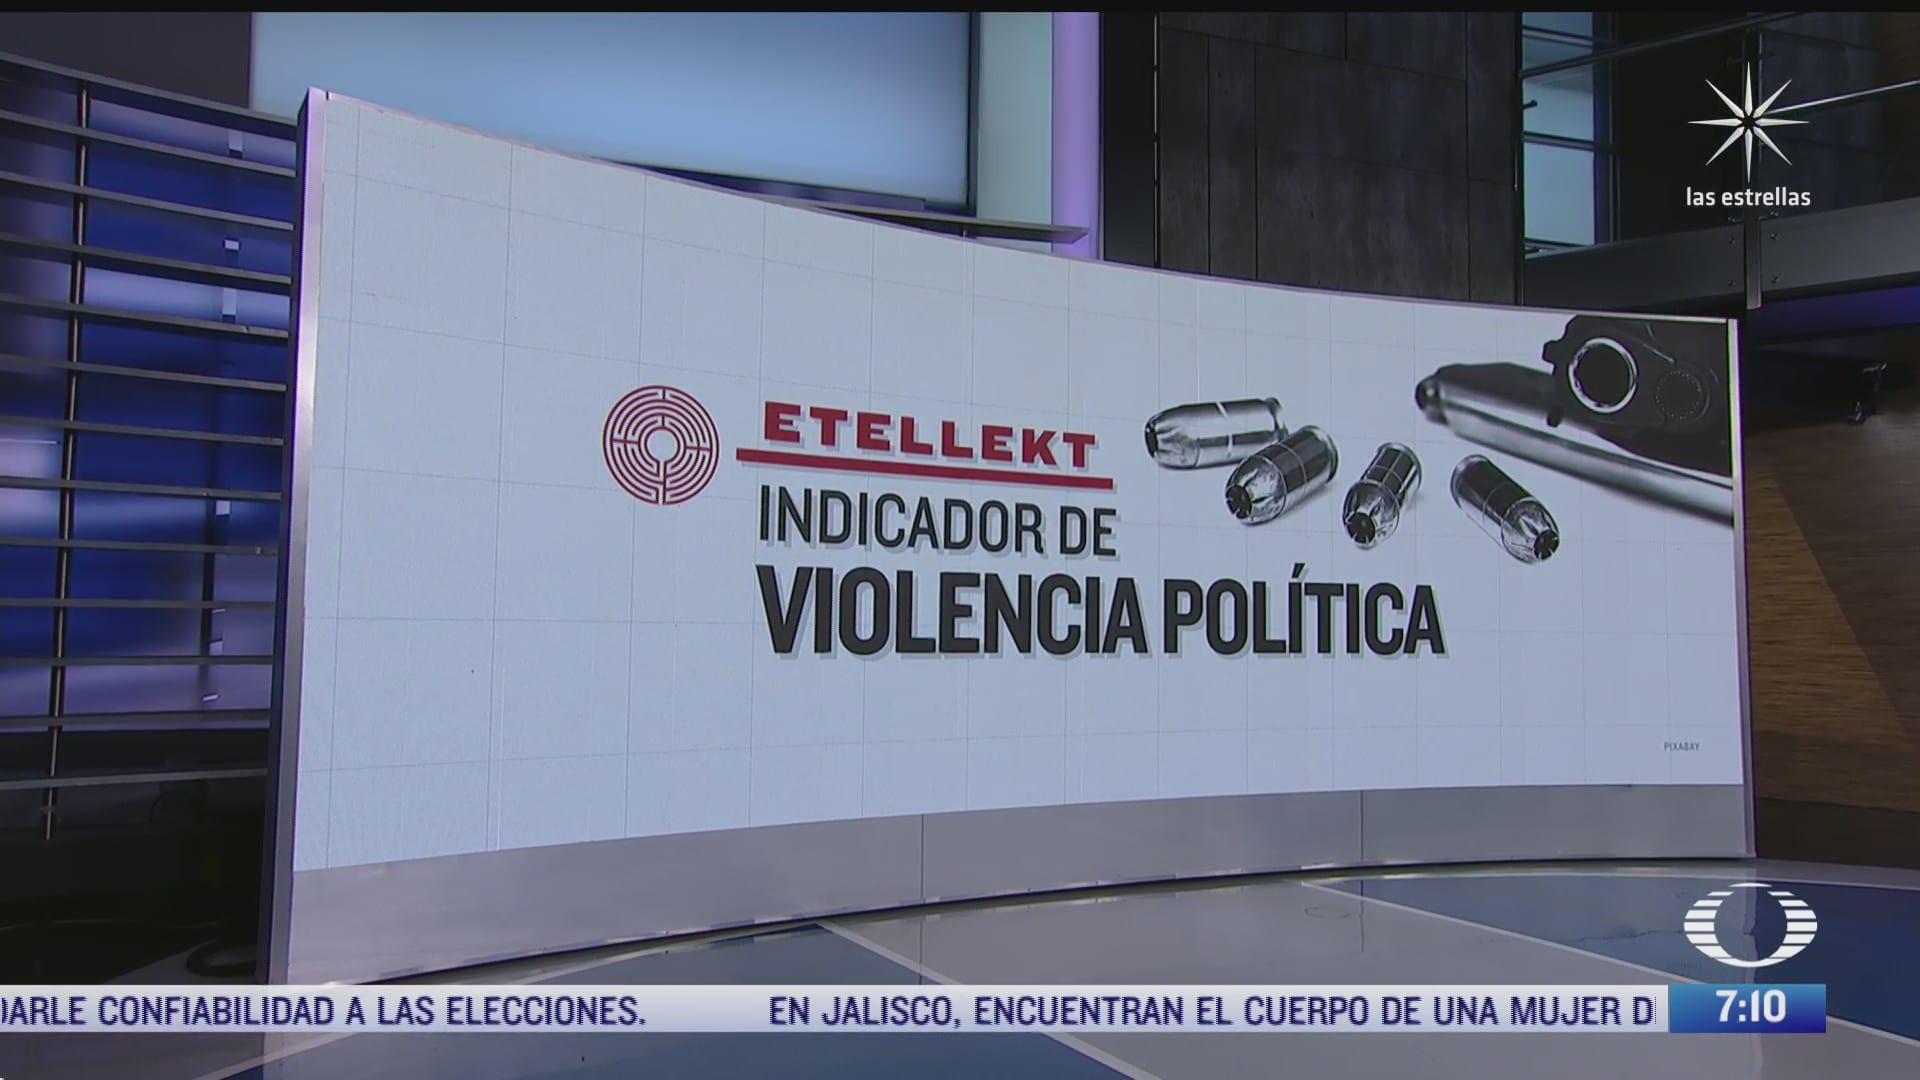 cual es el balance de la violencia contra candidatos en mexico hacia las elecciones del 6 de junio